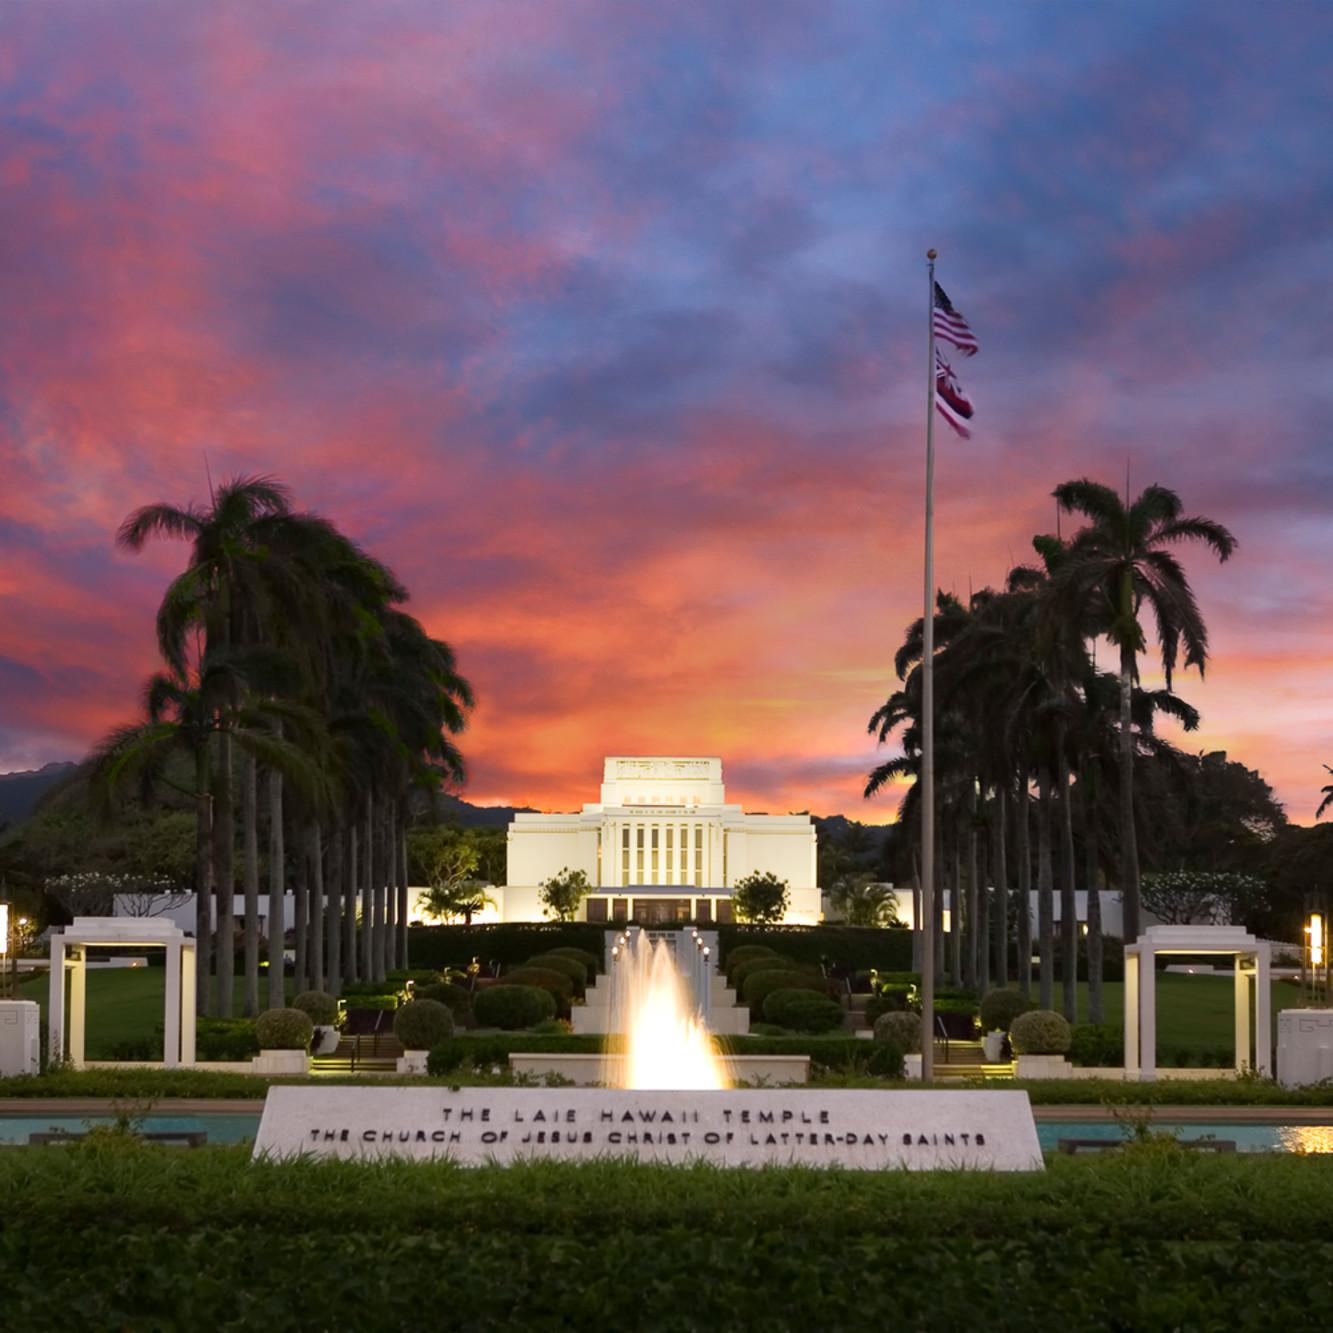 Robert a boyd laie hawaii temple sunset ff0pmv